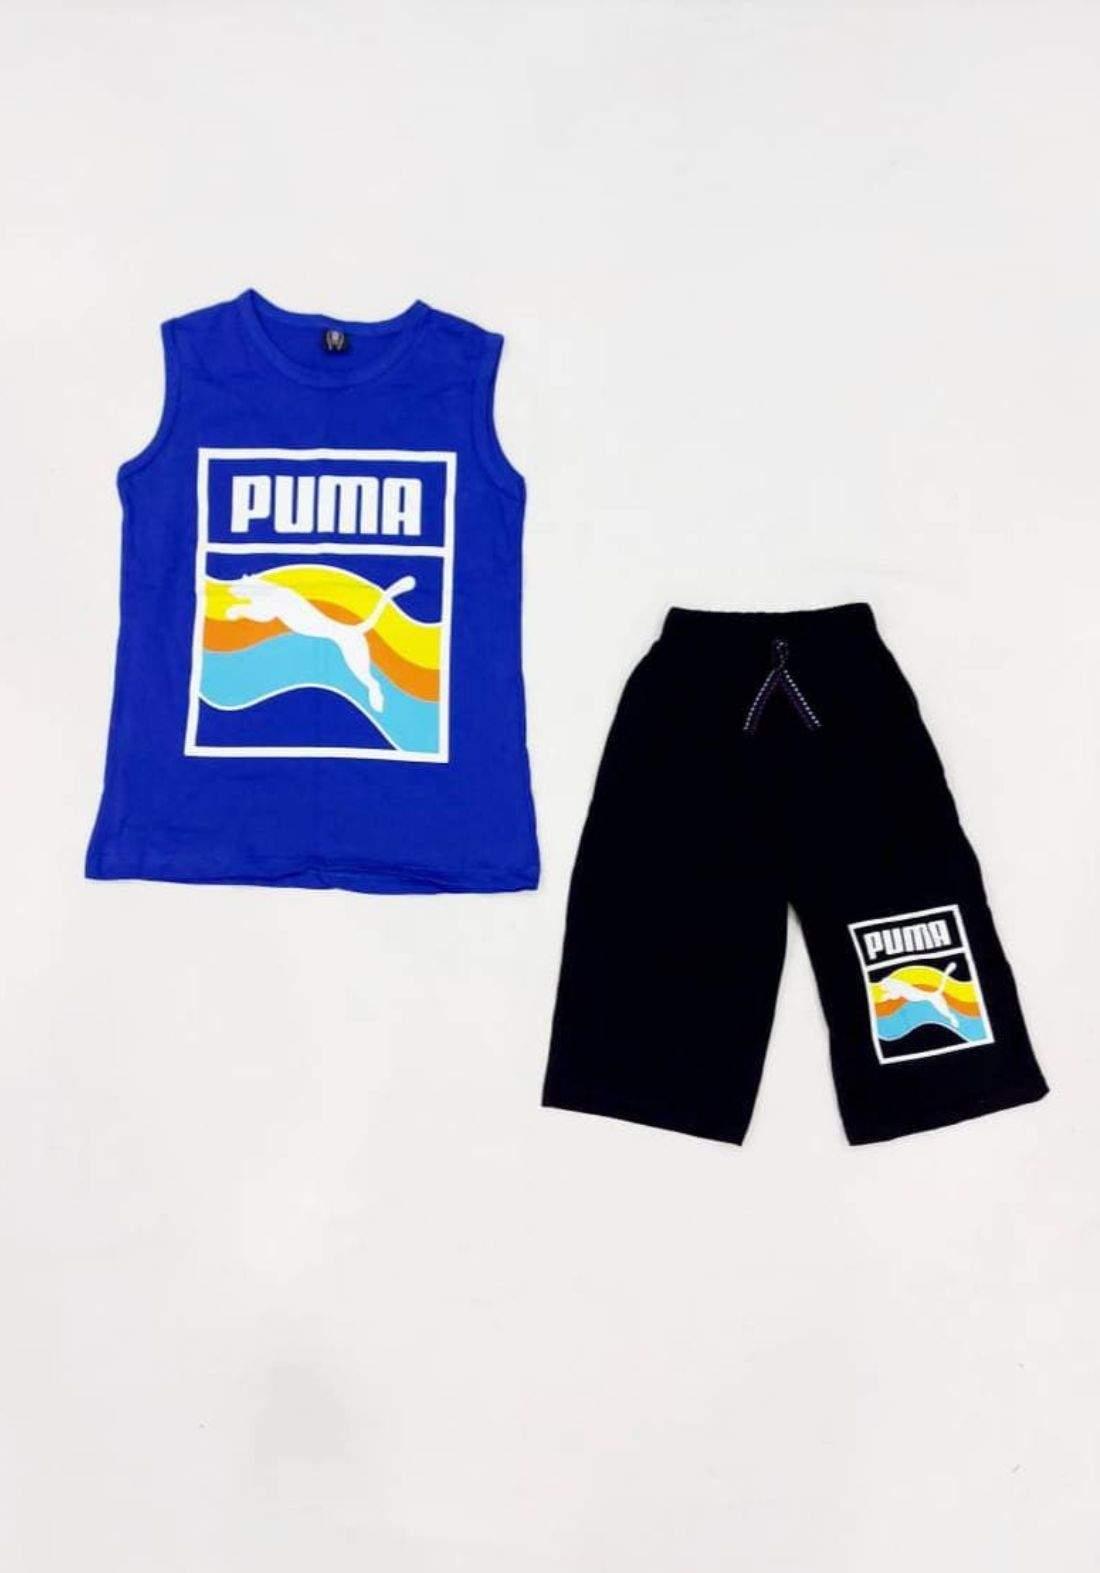 tracksuit for boys blue  (t-shirt +short) ( تراكسوت ولادي ازرق (برموده وكيمونه